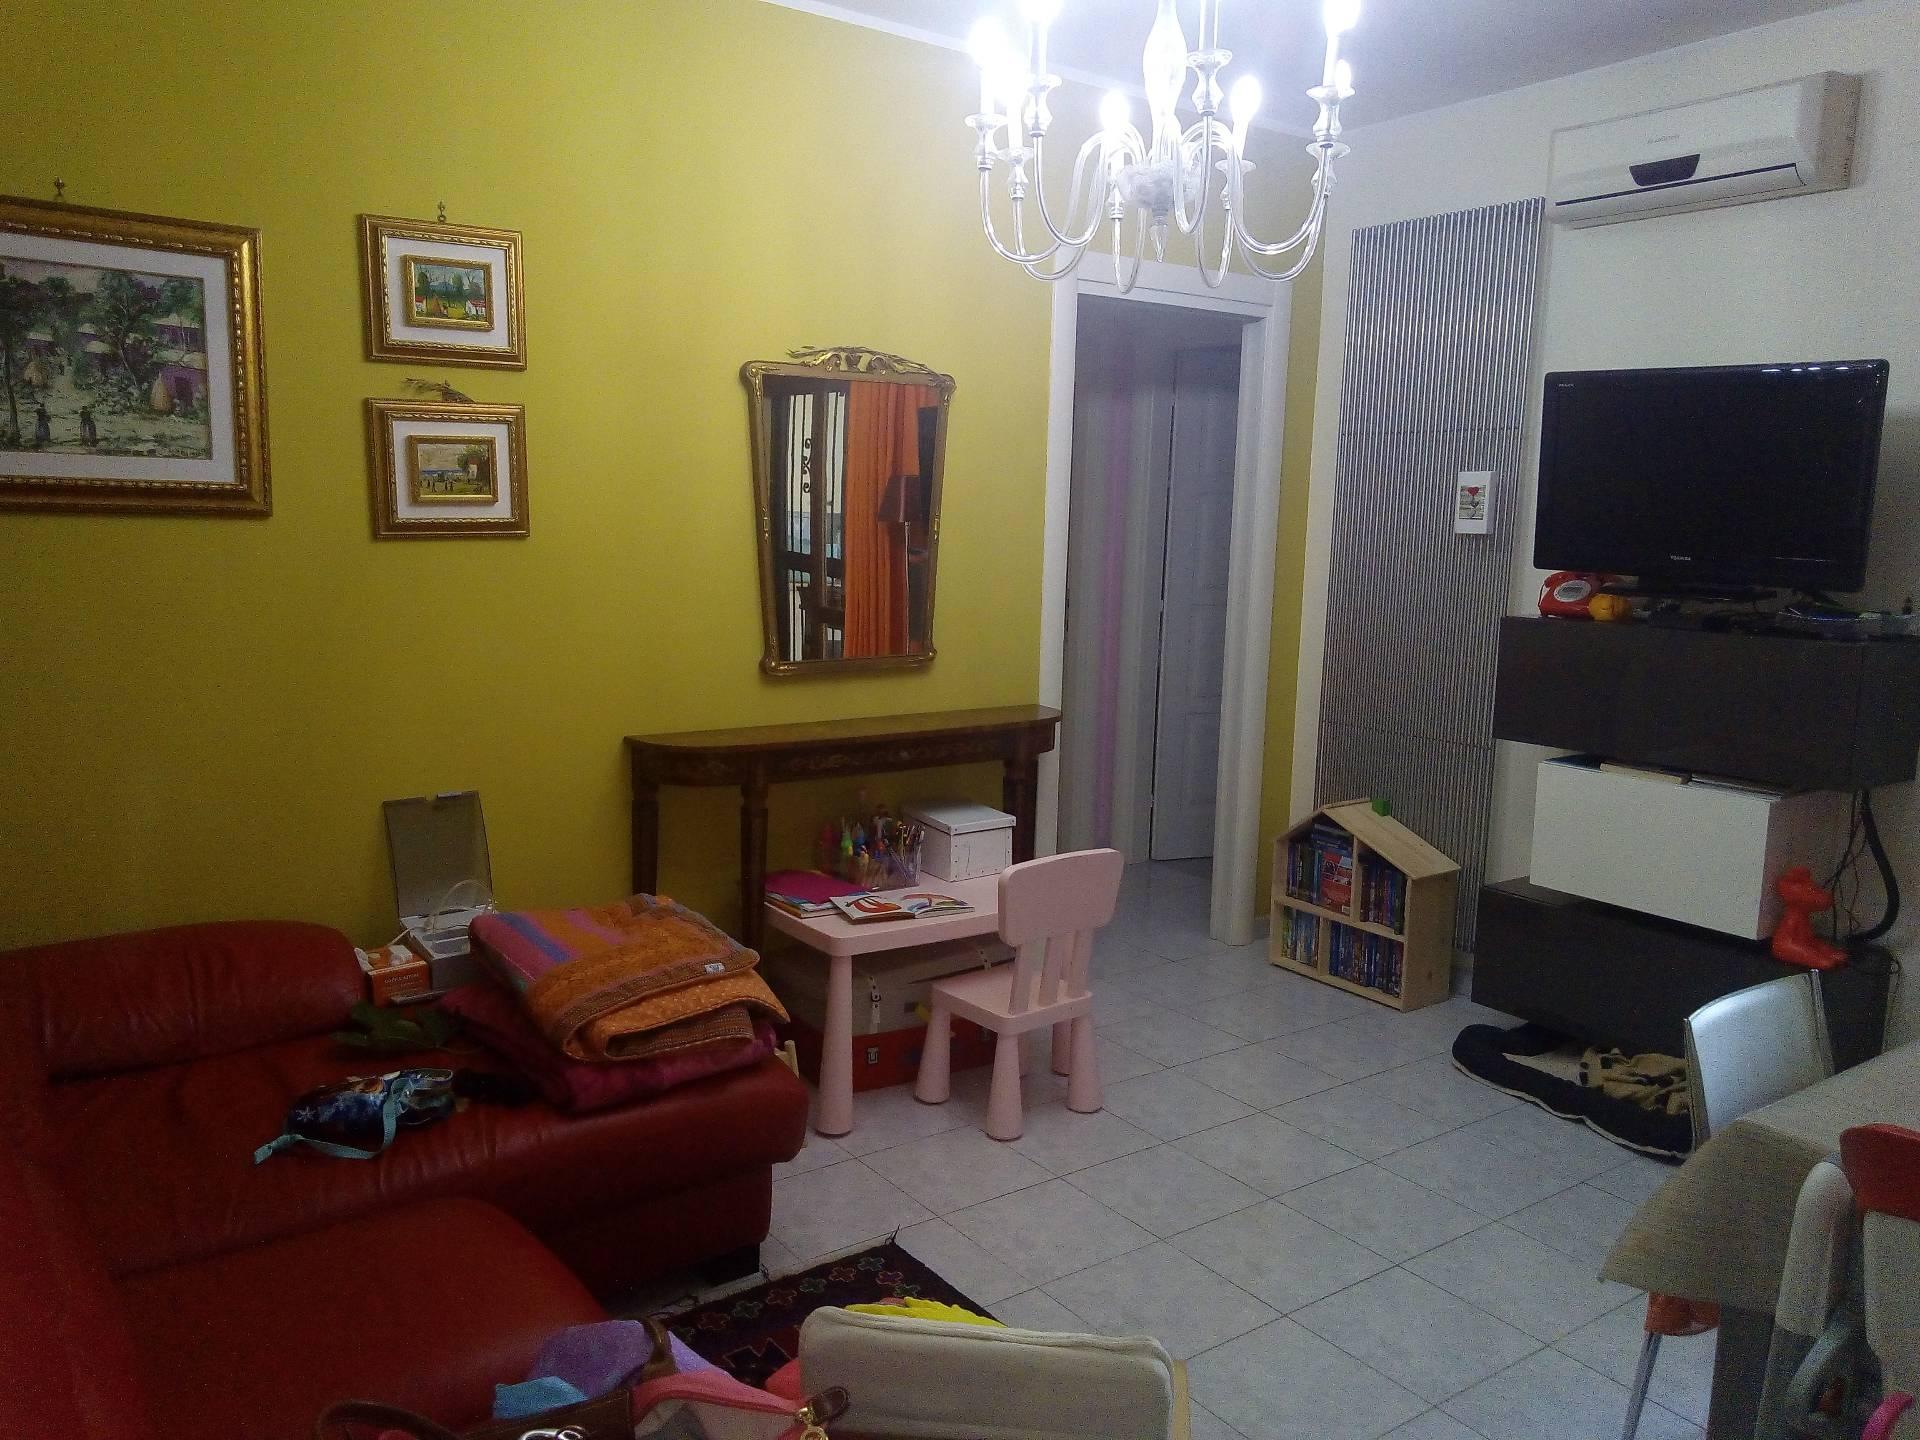 Appartamento MANOPPELLO vendita  Manoppello Scalo  Immobiliare Lattanzio e Miccoli snc